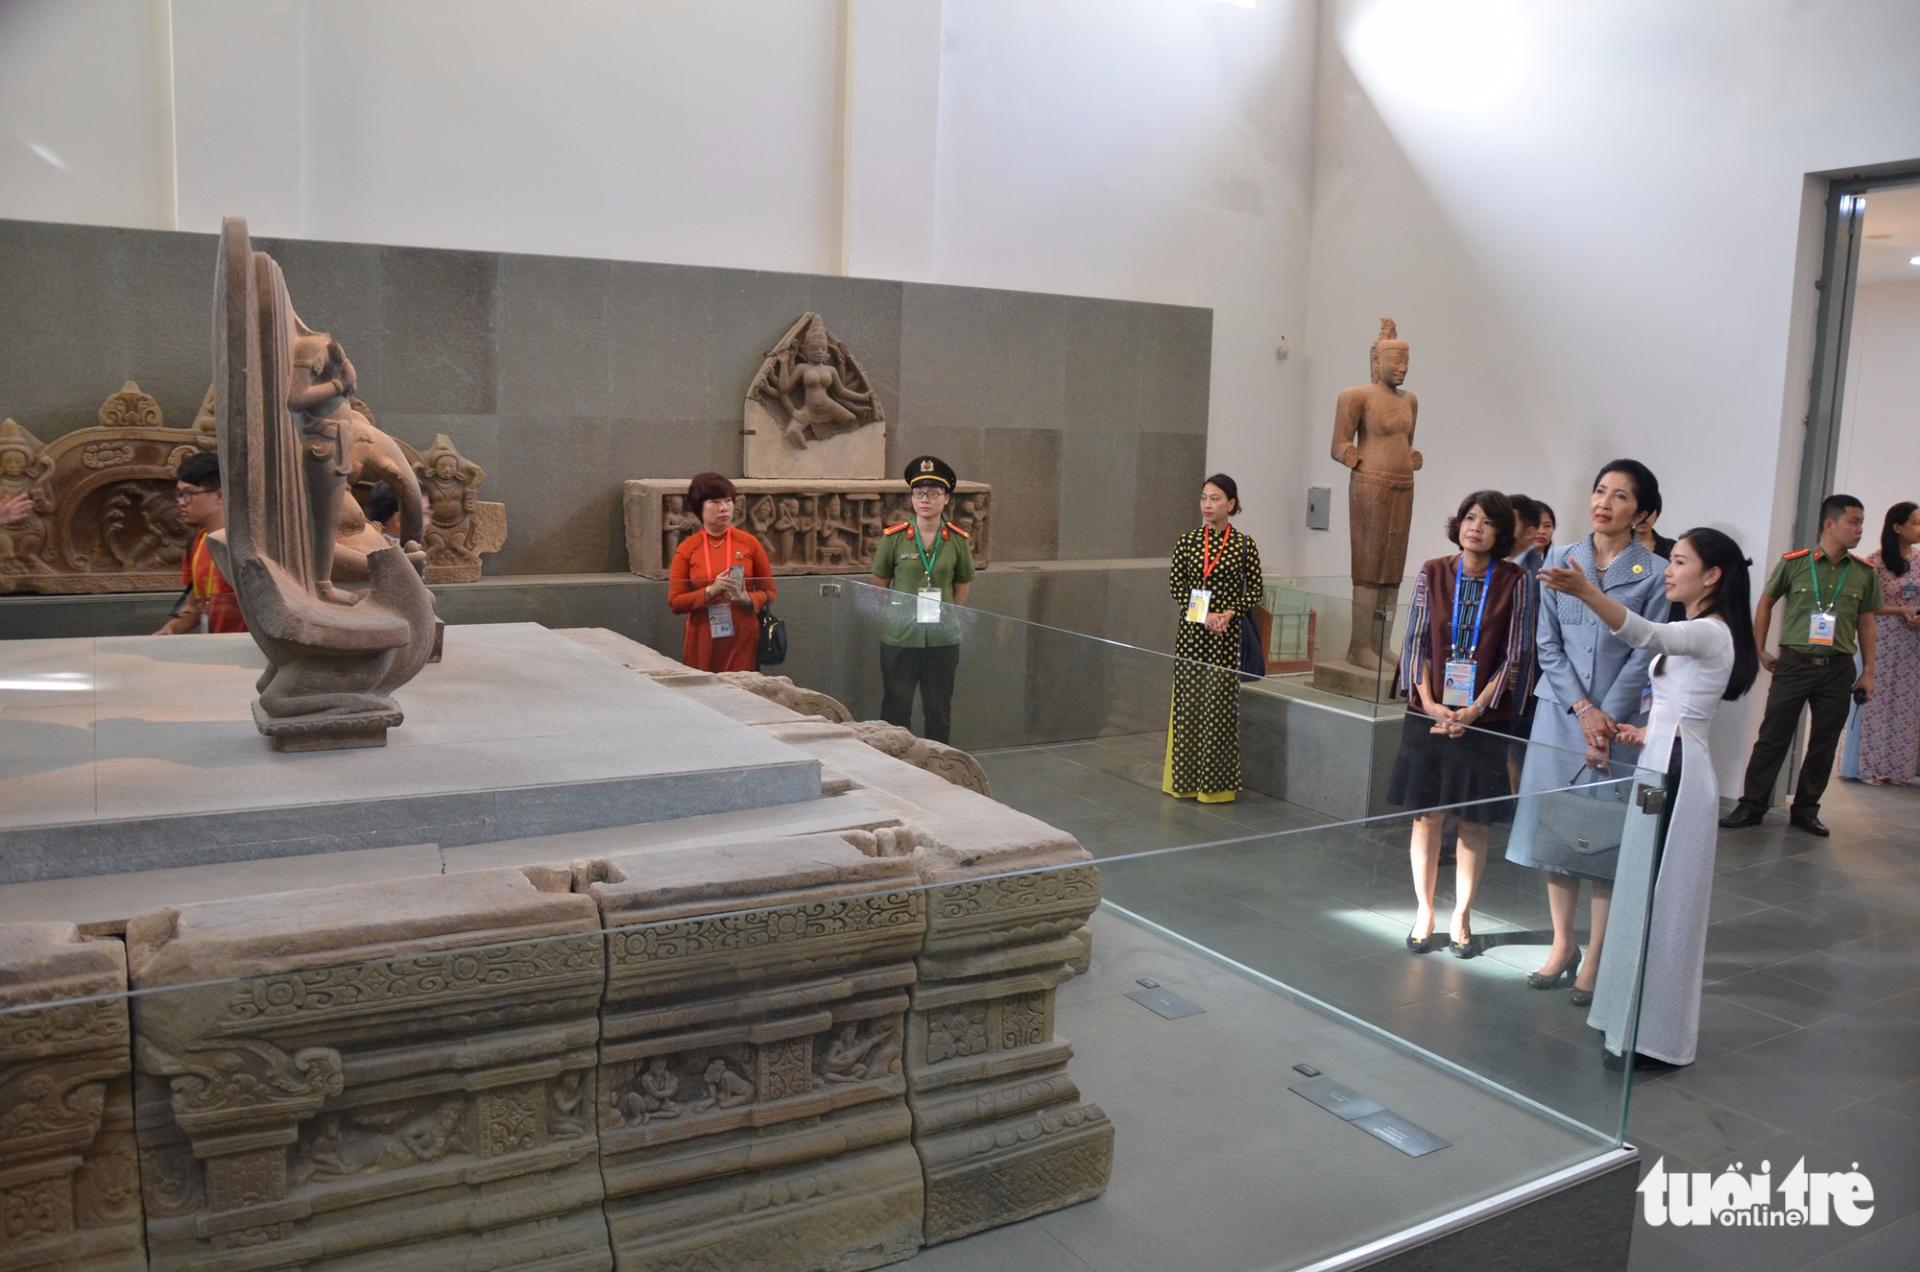 Phu nhân thủ tướng Thái Lan thăm bảo tàng Điêu khắc Chăm Đà Nẵng - Ảnh 2.